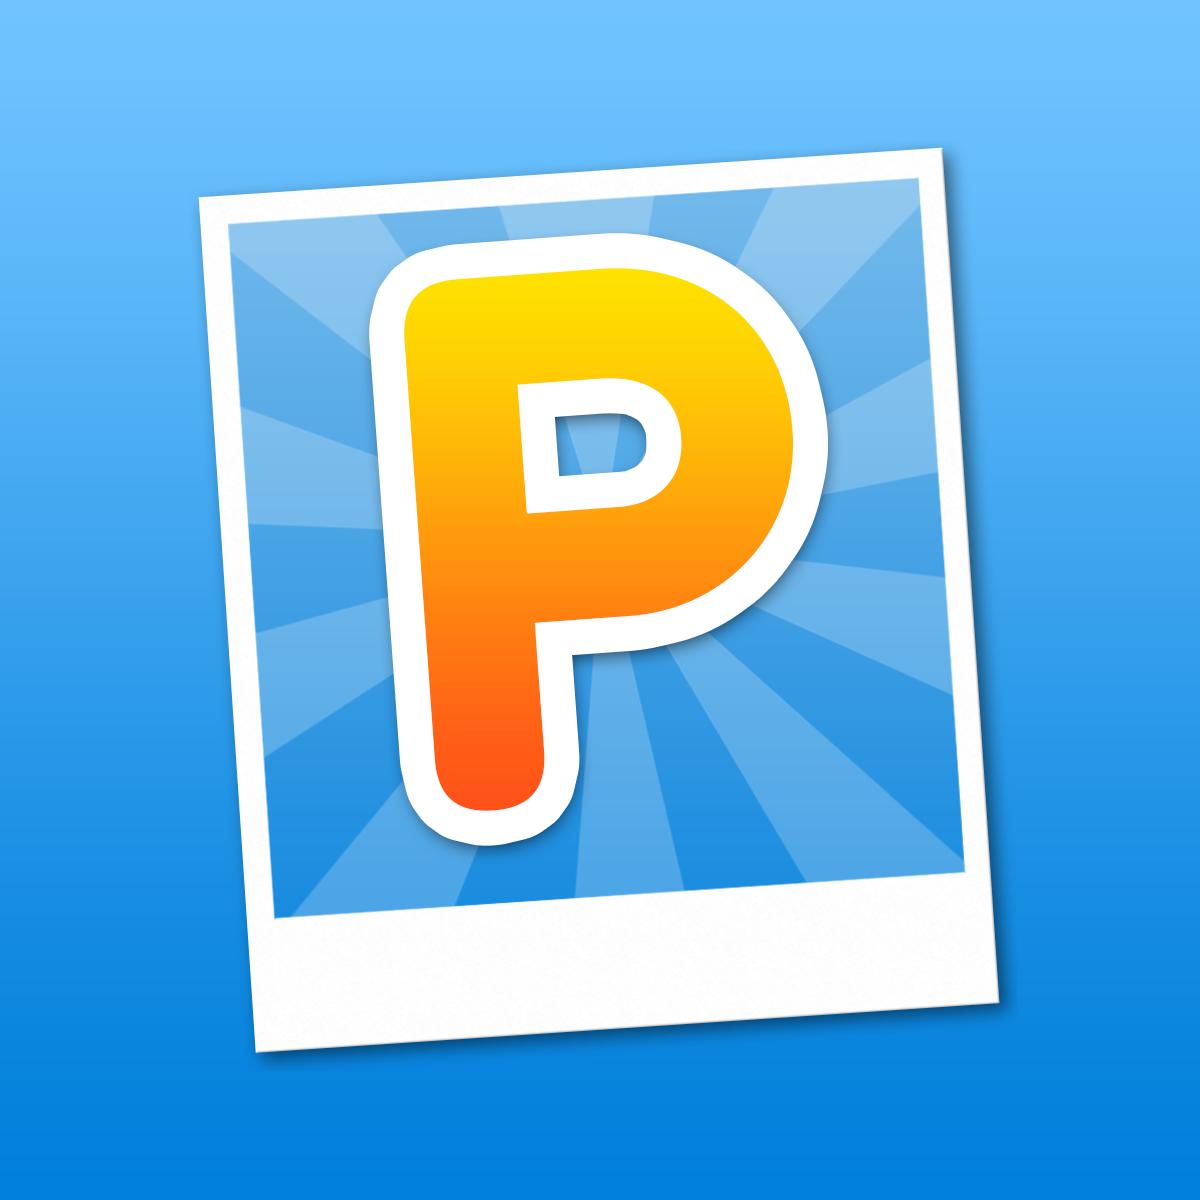 3 PHOTOS